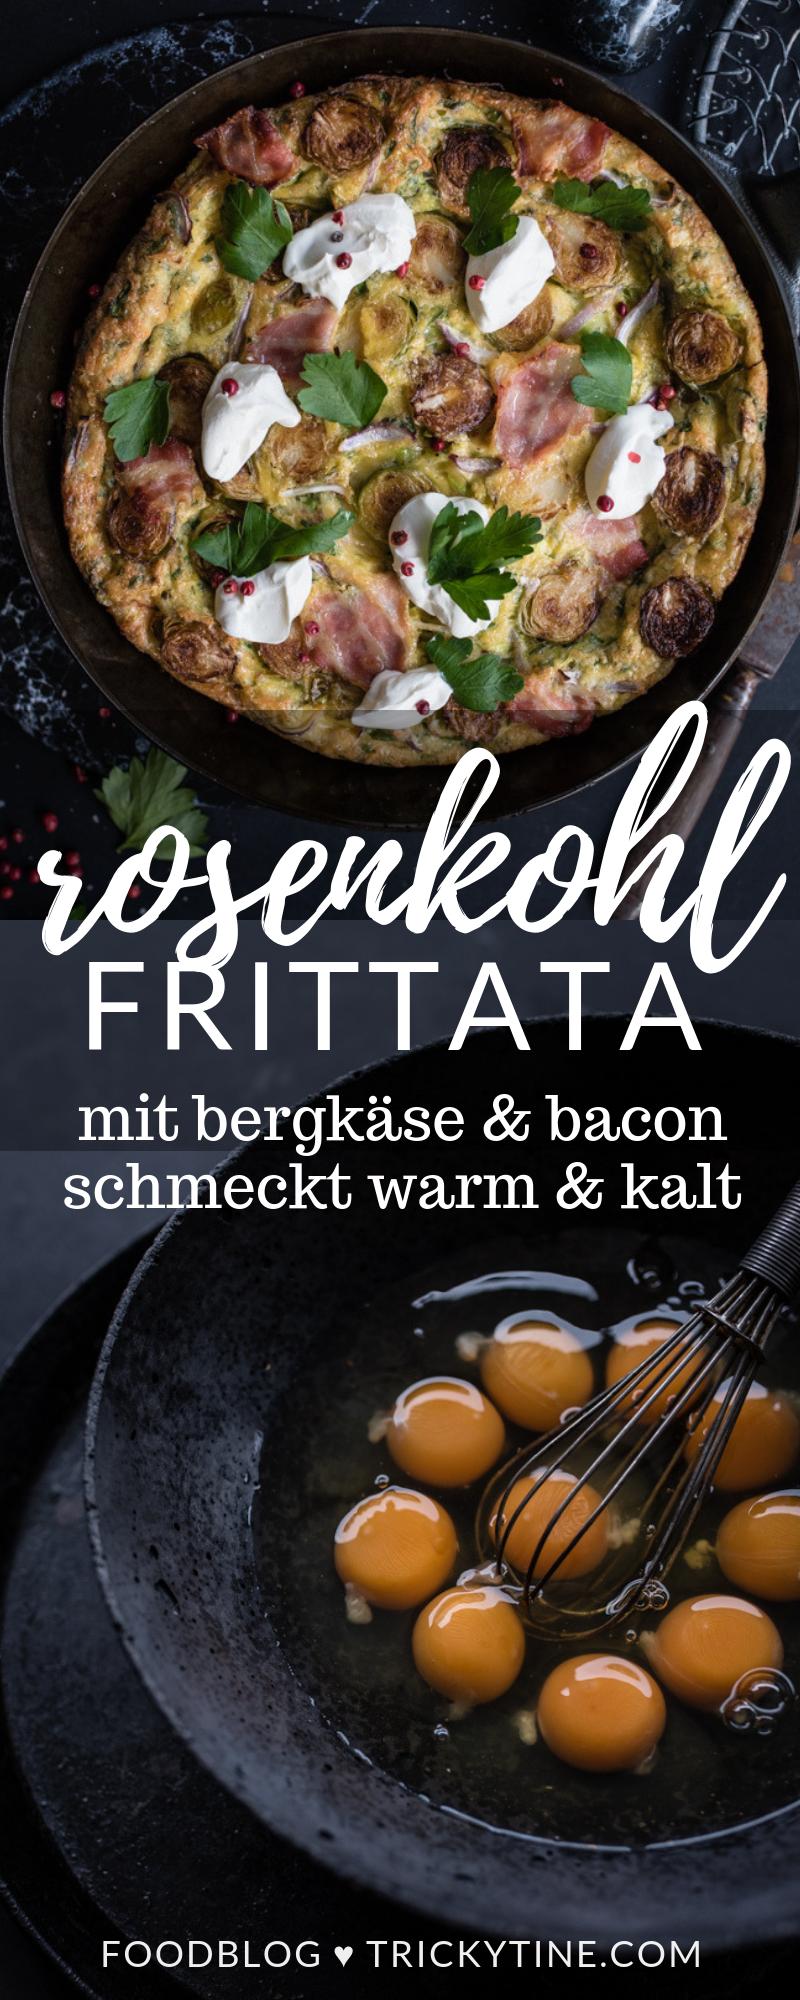 Rosenkohl Frittata mit Bergkäse und Bacon by trickytine